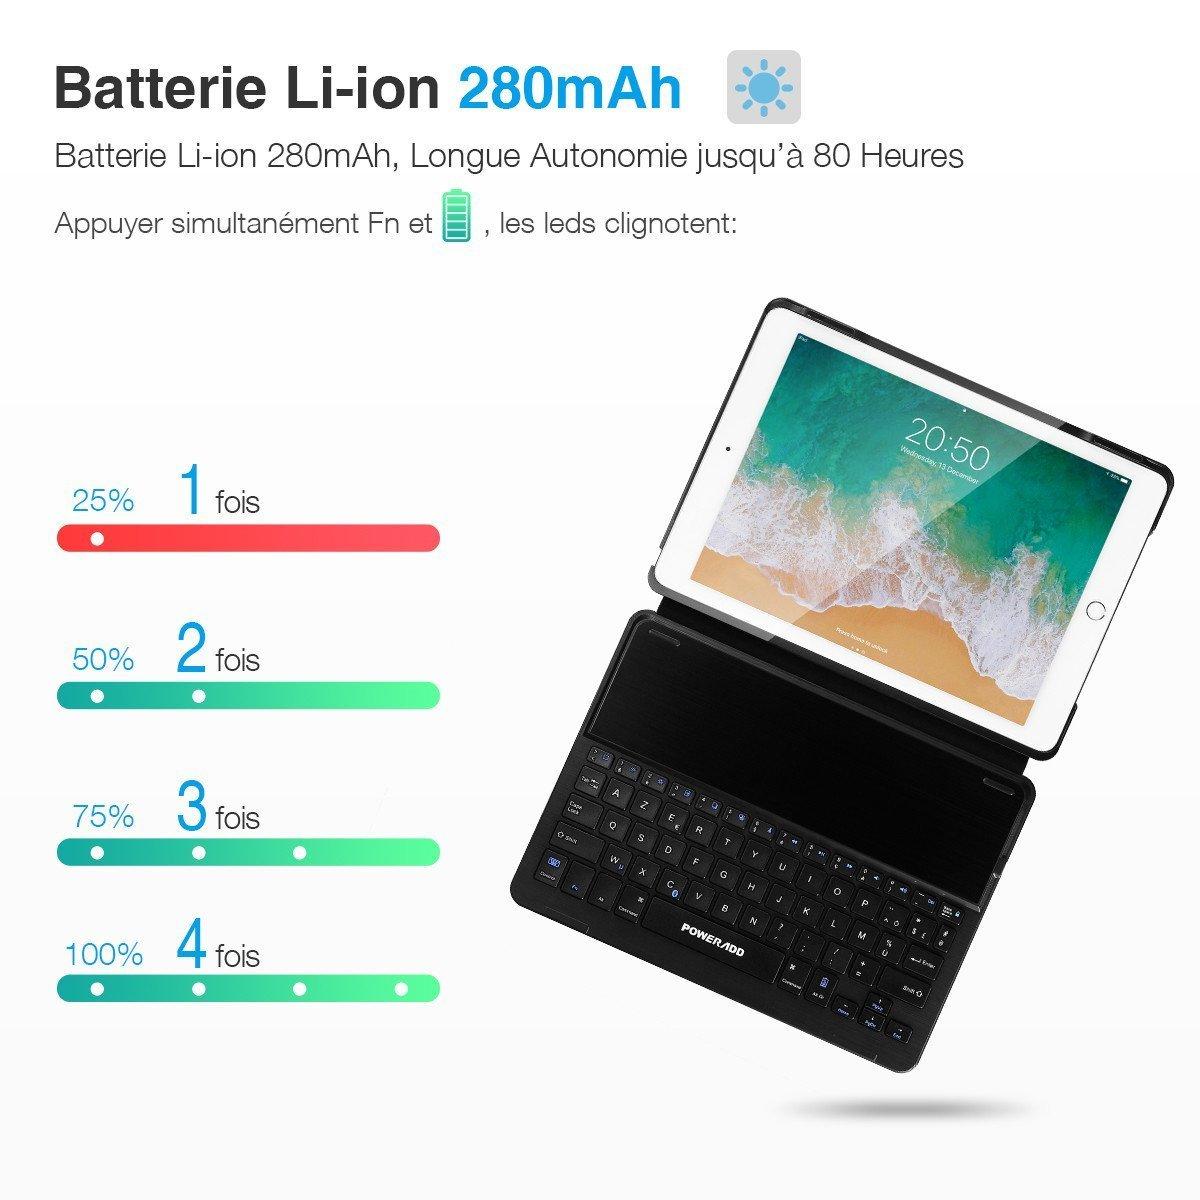 Poweradd Clavier Bluetooth pour iPad Clavier Français AZERTY avec Etui Housse Sans Fil, Compatible avec iPad Air 2 et iPad Pro 9.7